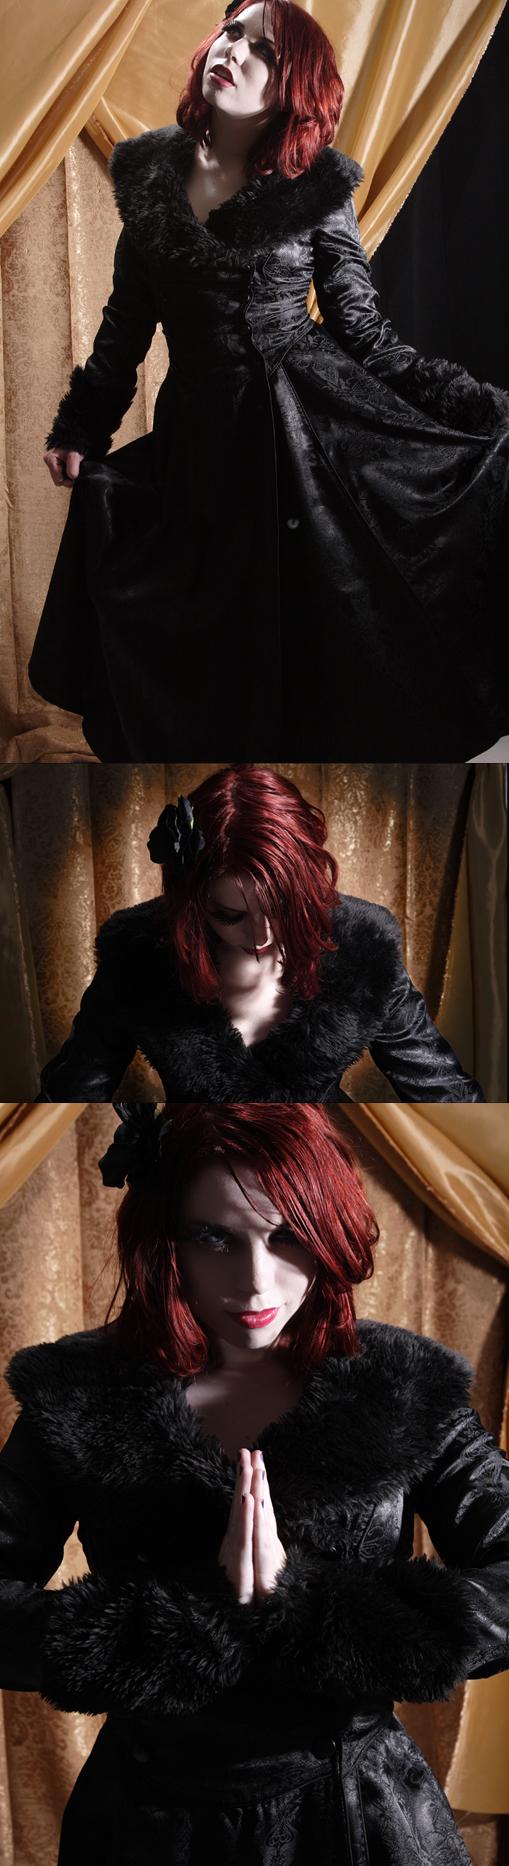 Jan 09, 2008 Kurorori Lolita